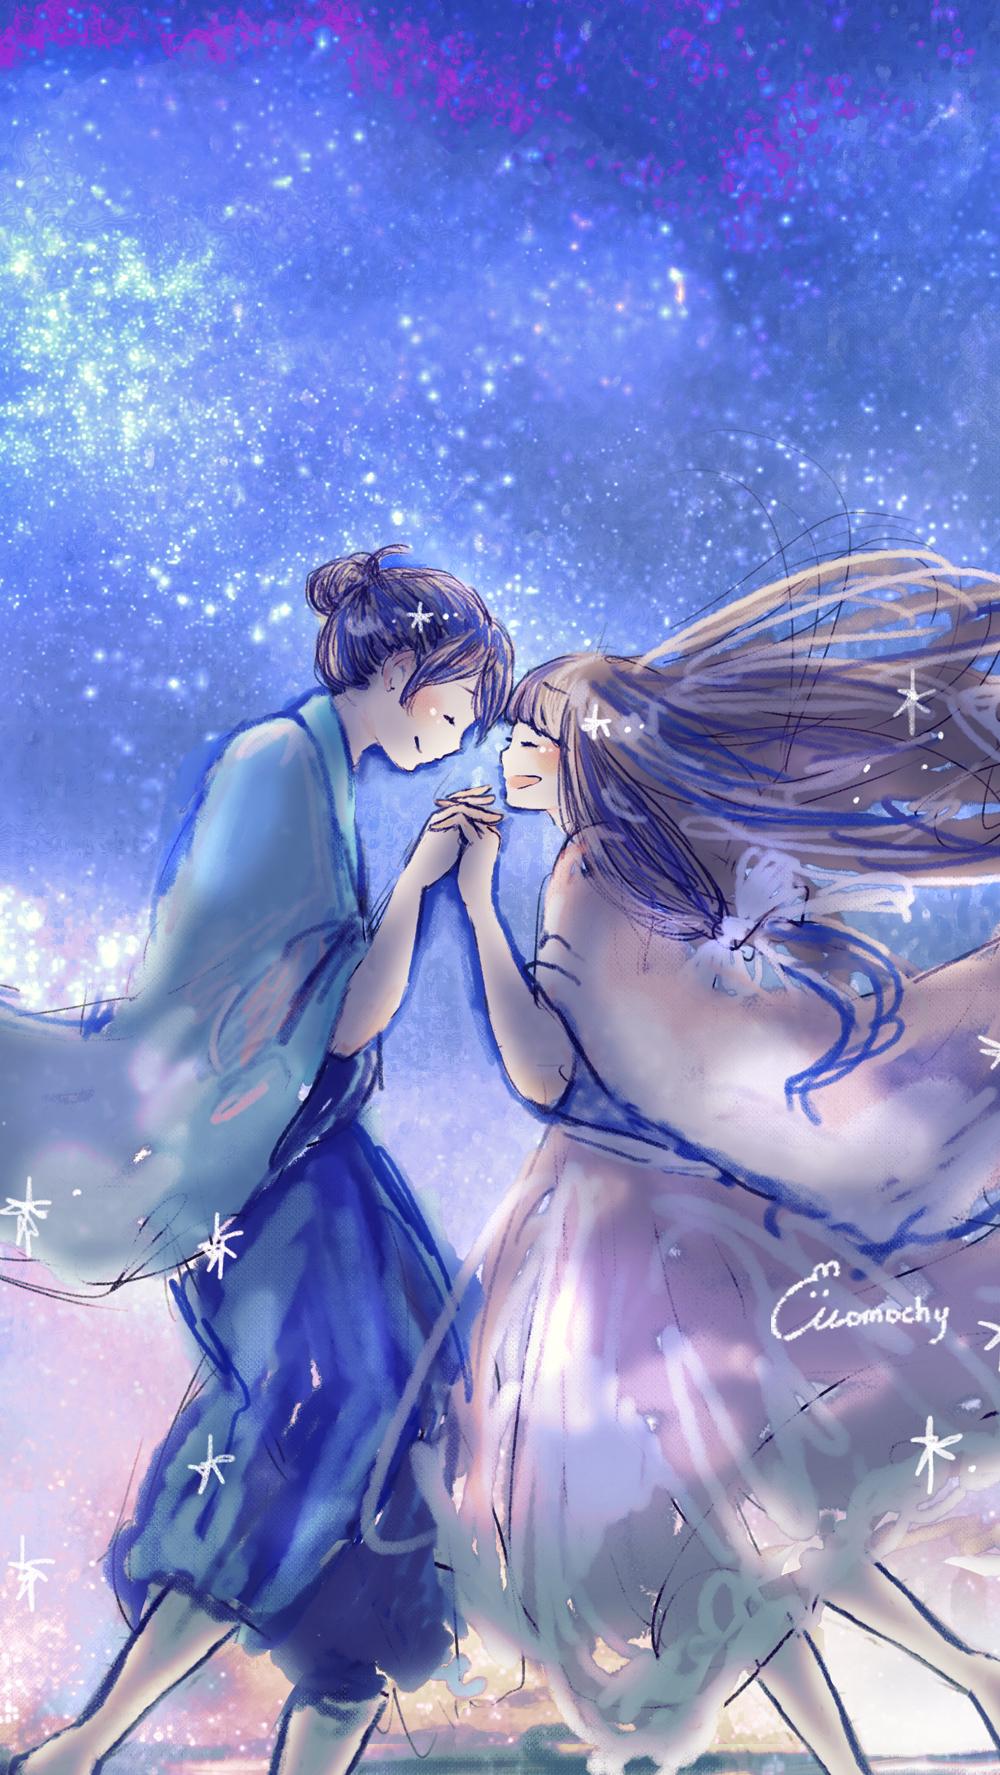 七夕LINEホーム画像2*星空の下の織姫と彦星